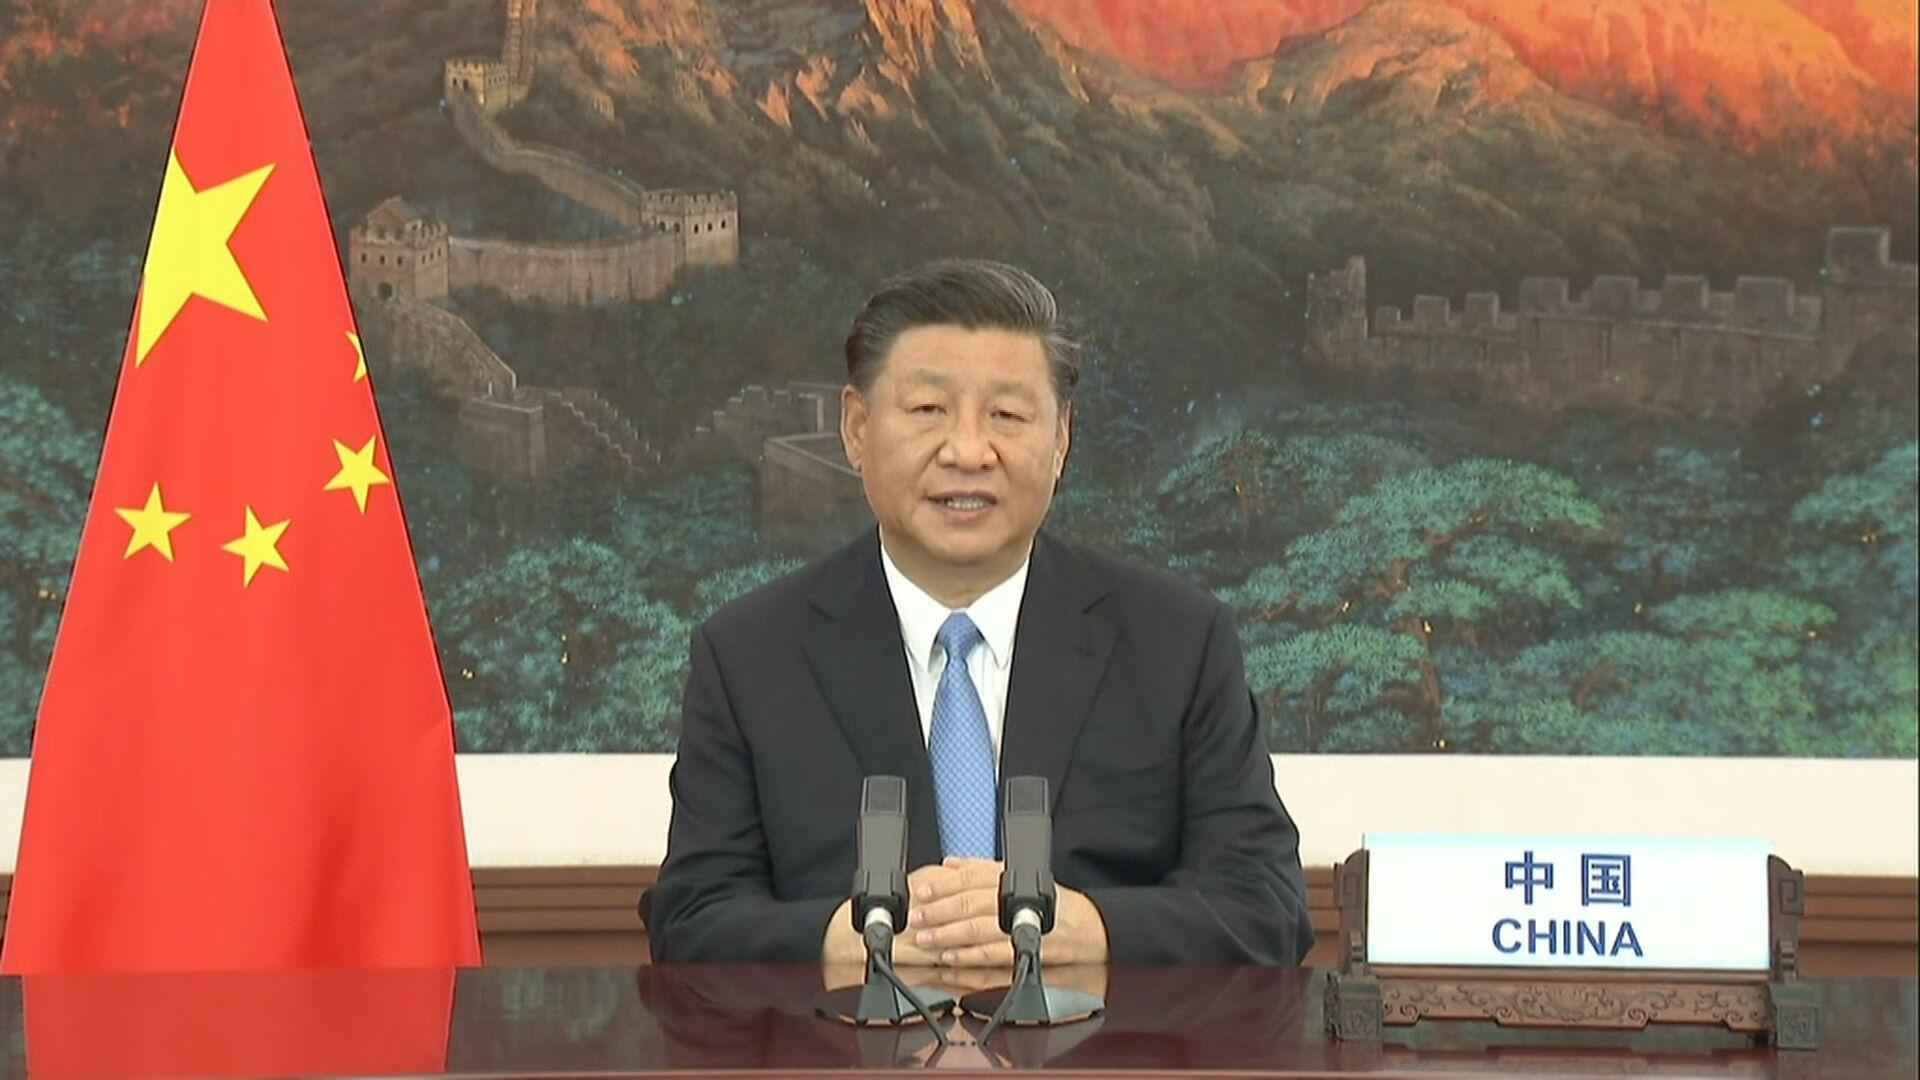 O presidente chinês Xi Jinping durante Assembleia Geral da ONU